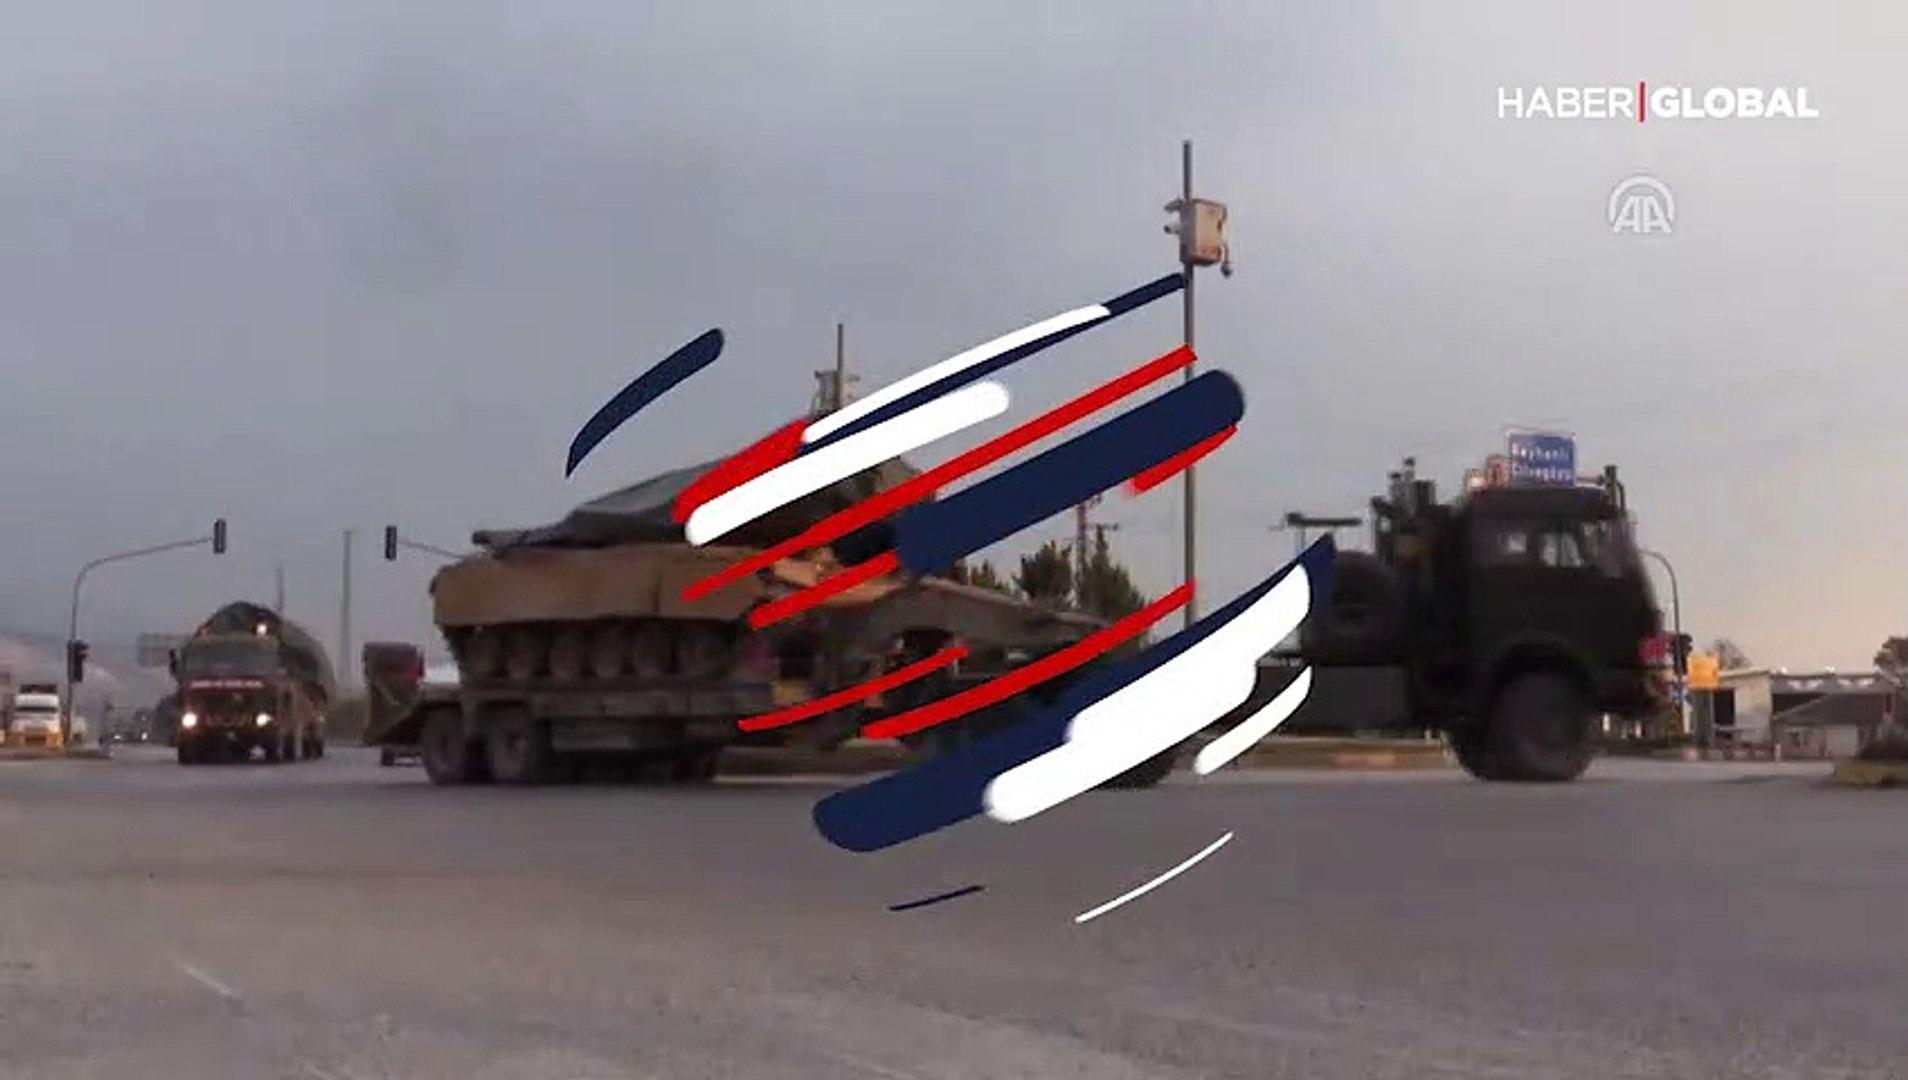 Hatay sınırında hareketlilik! Askeri araçlar Reyhanlı'ya ulaştı